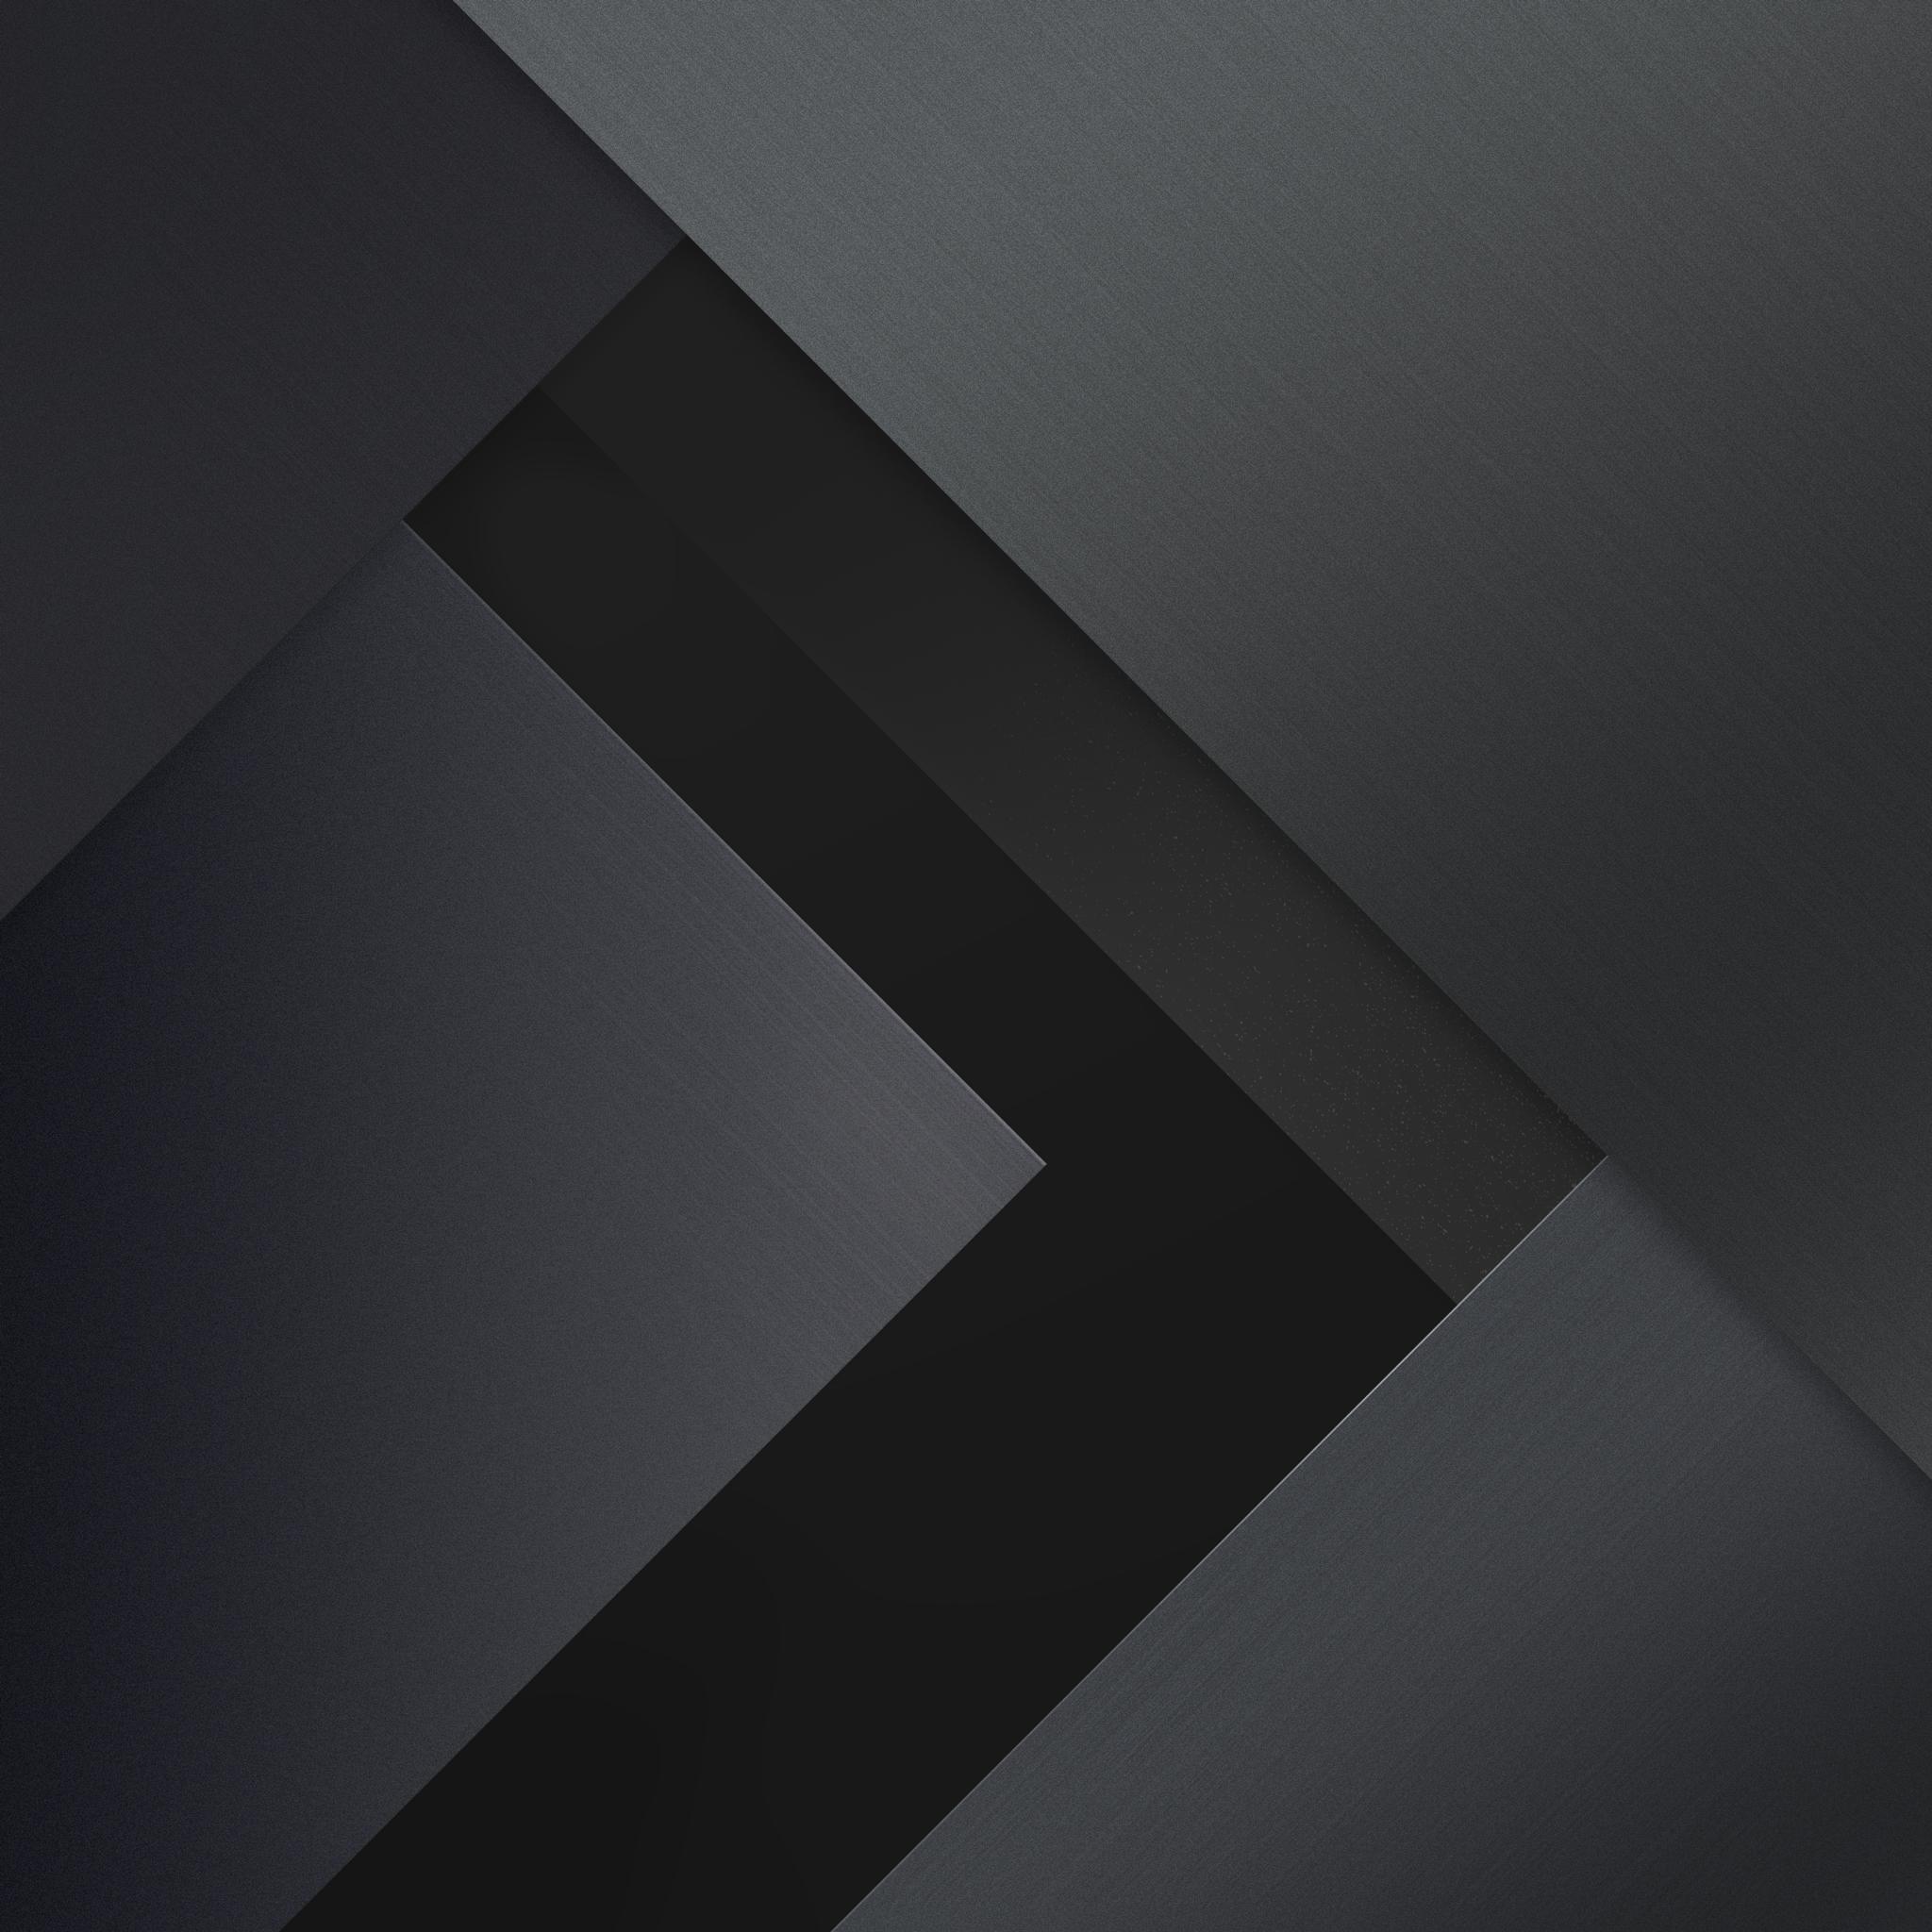 knox_bg_02